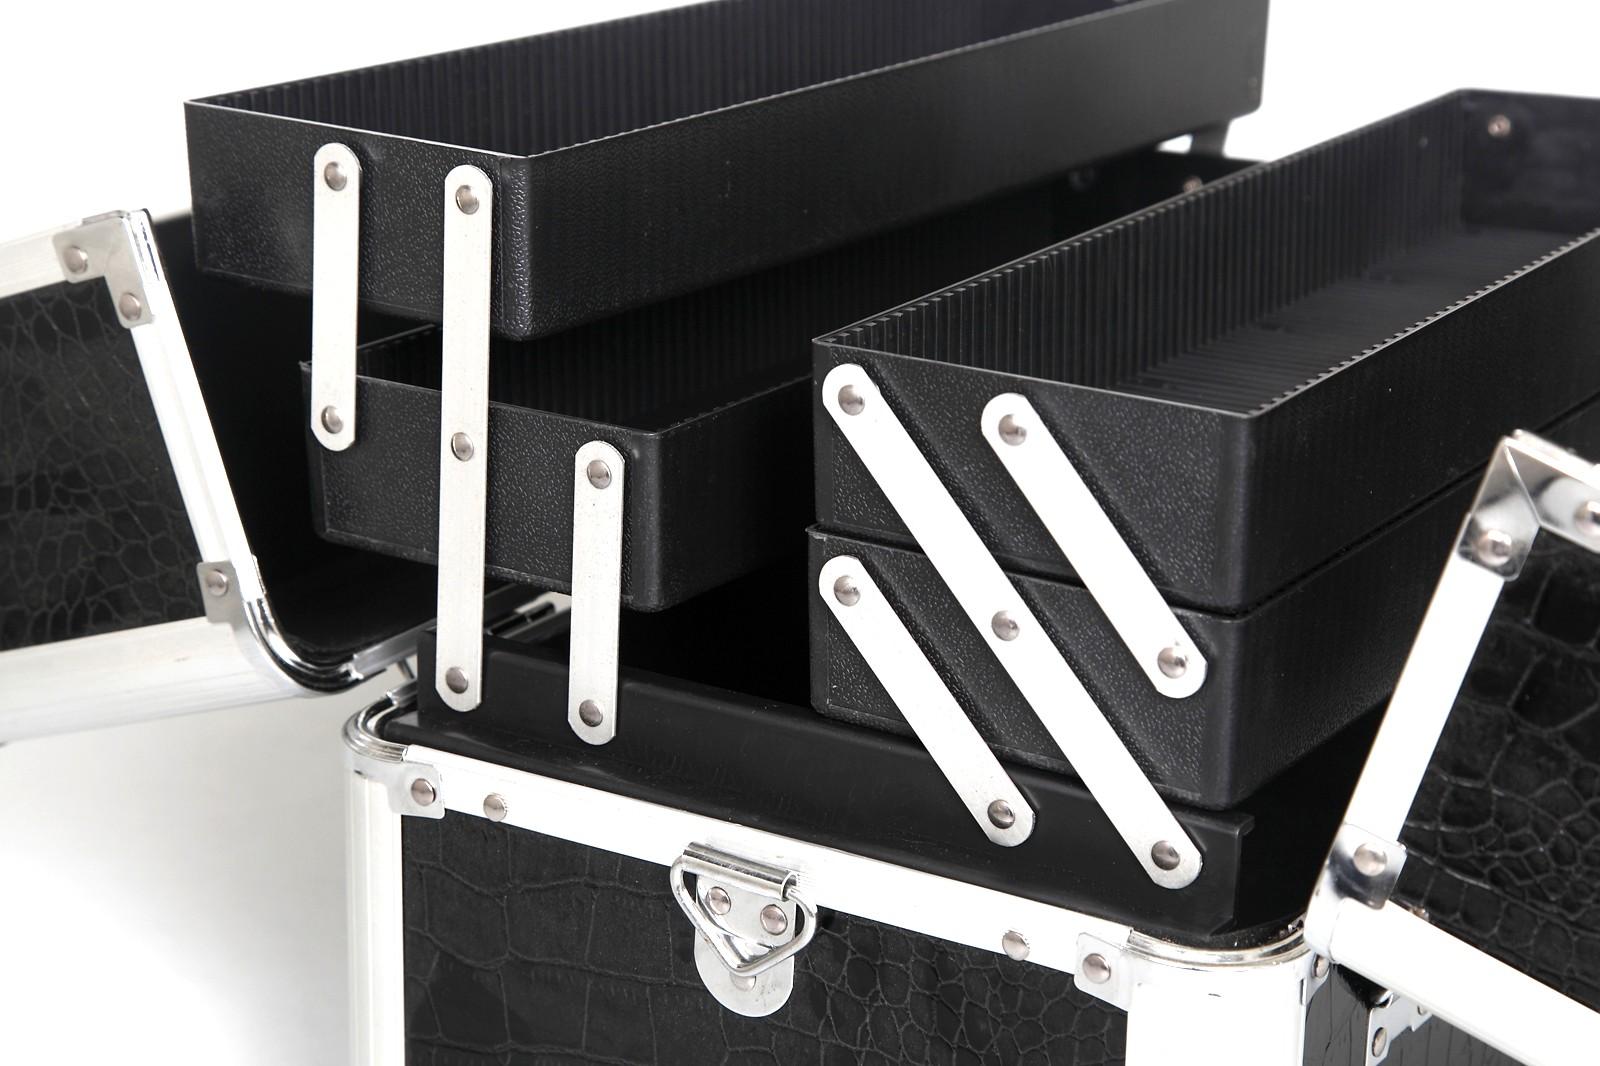 kosmetikkoffer friseurkoffer alukoffer croco schwarz rund ebay. Black Bedroom Furniture Sets. Home Design Ideas